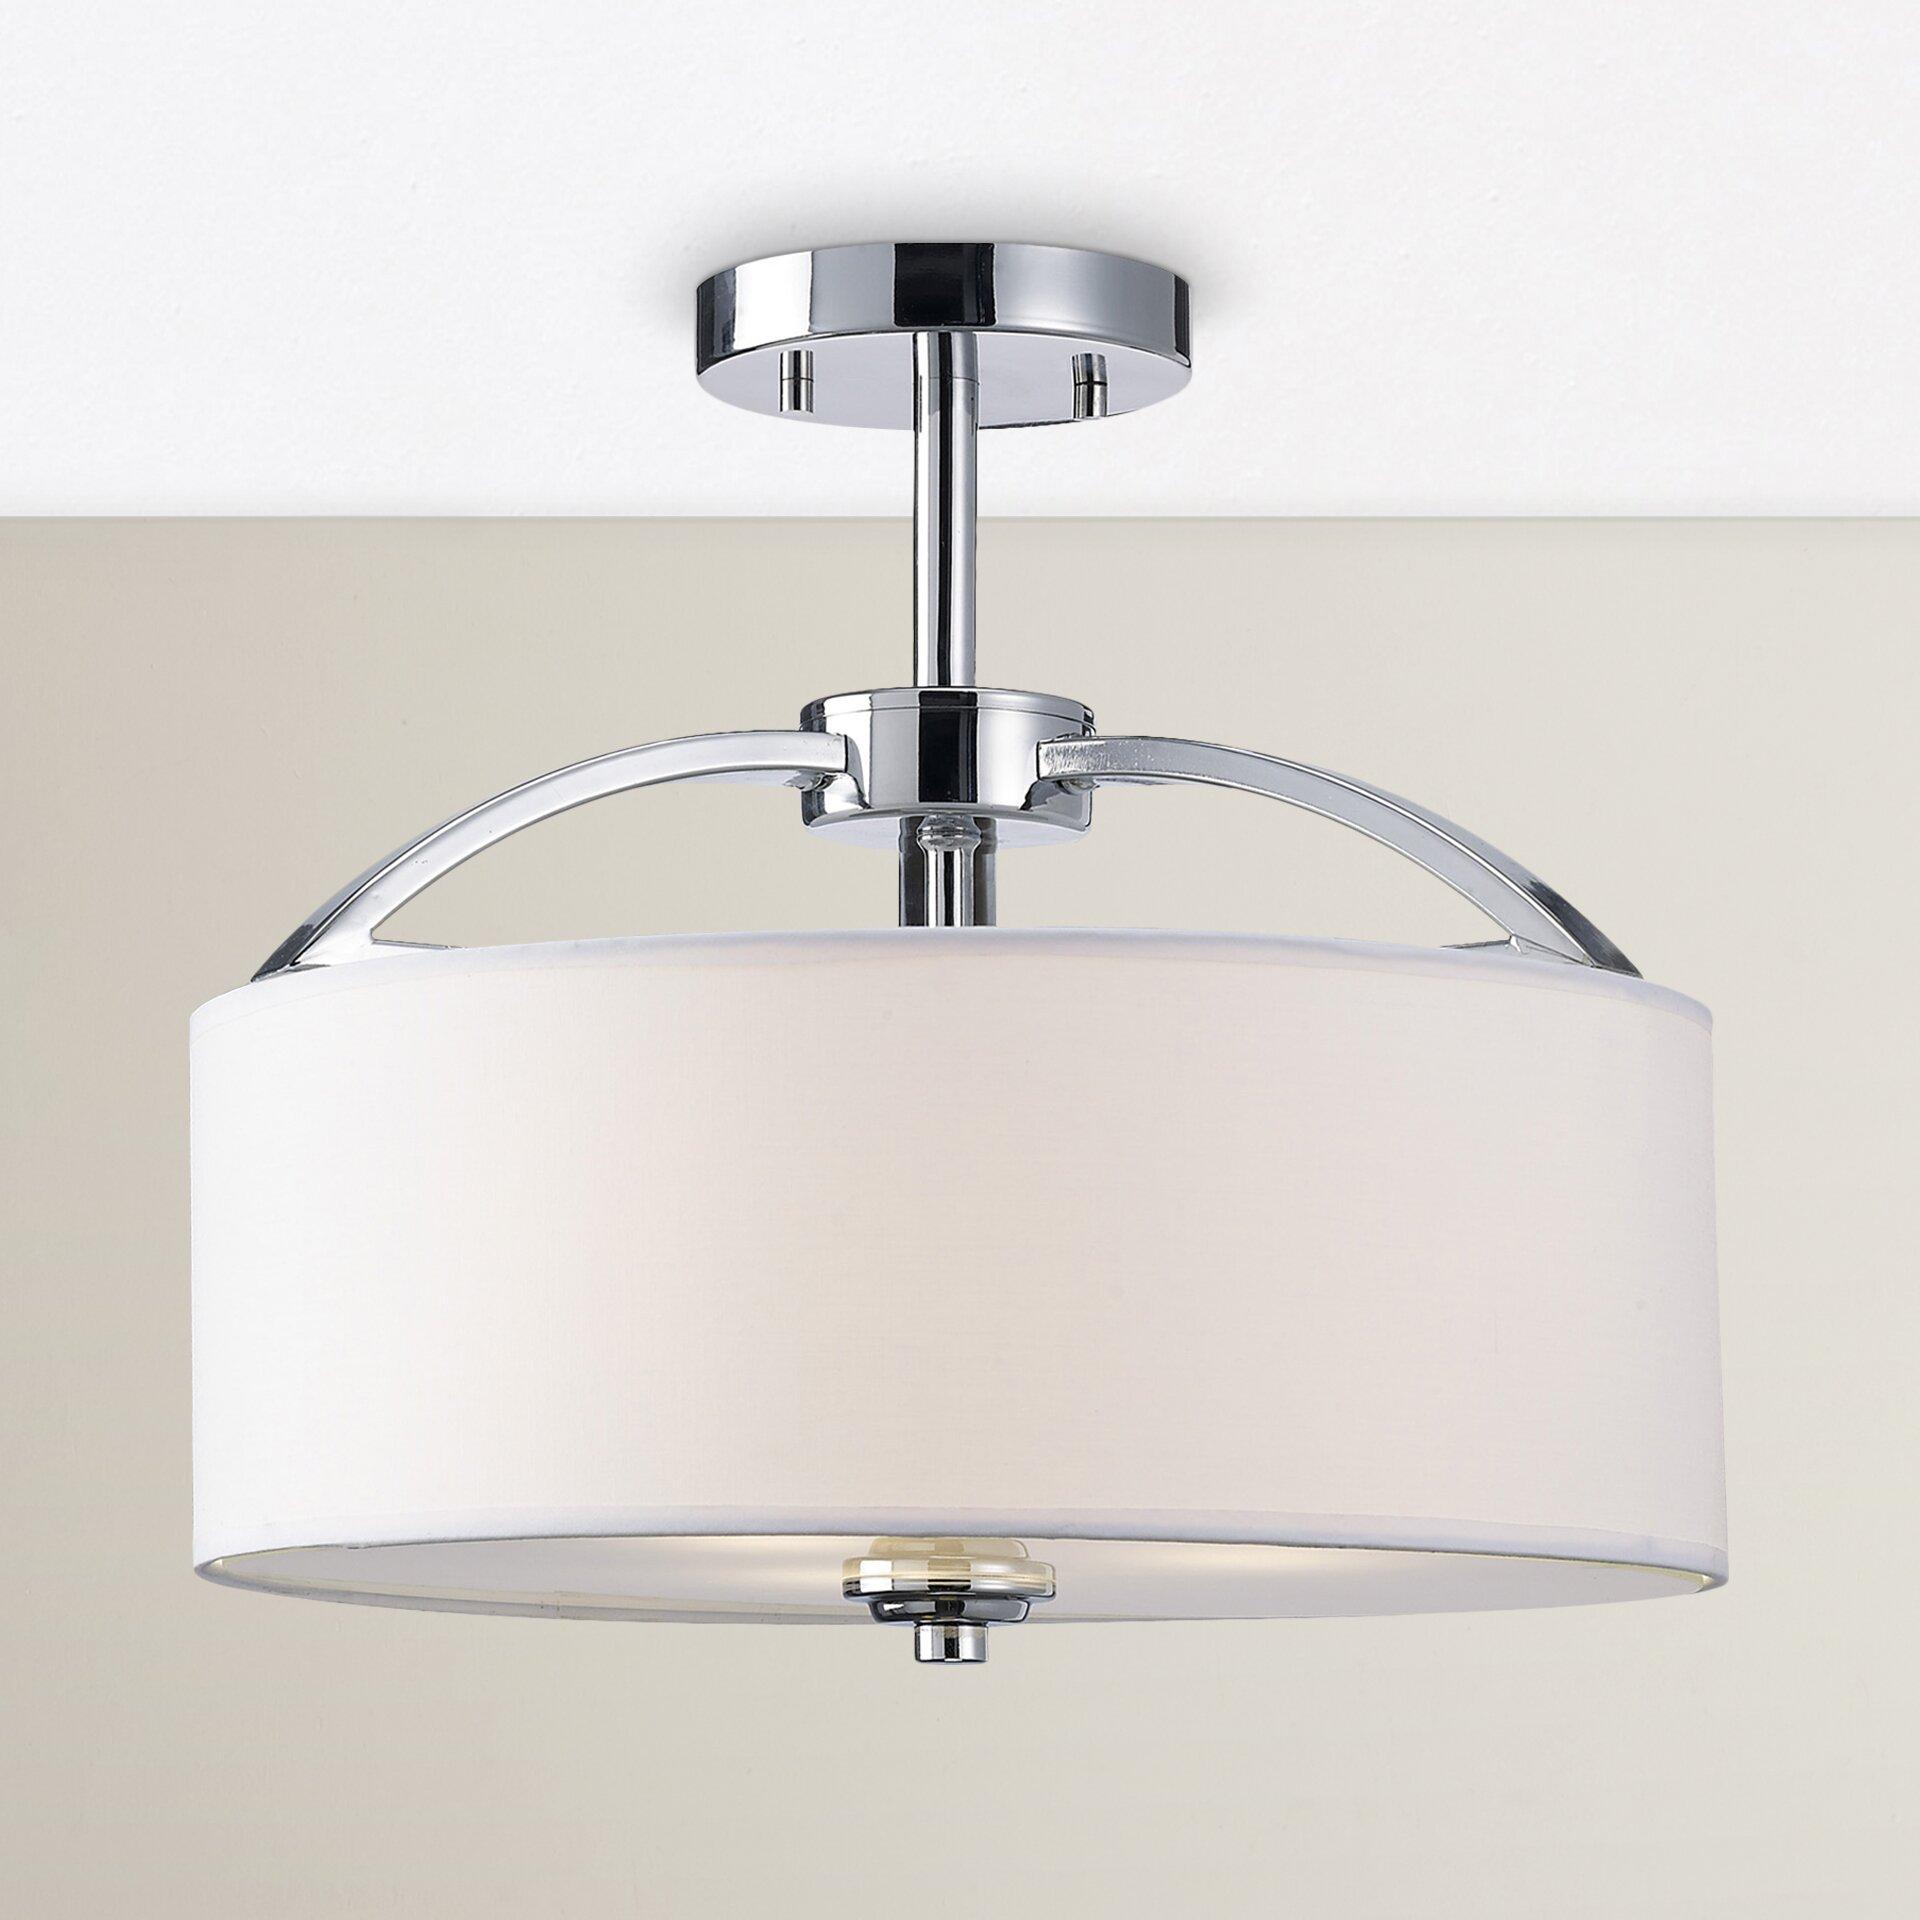 Flush Mount Kitchen Lighting: Red Barrel Studio Epsom 3 Light Semi Flush Mount & Reviews